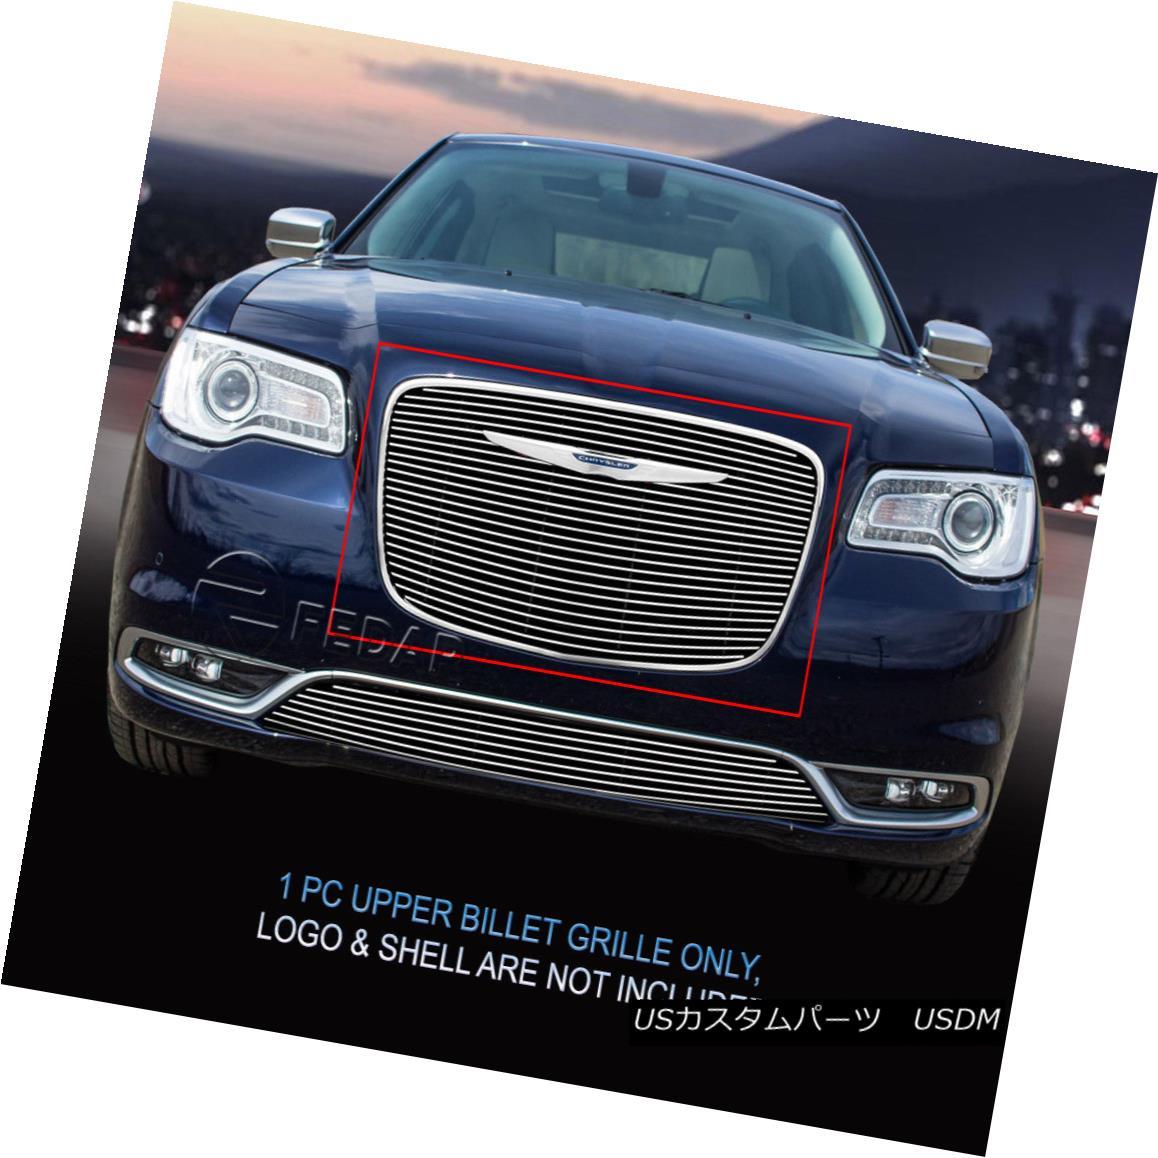 グリル Fedar Fits 2015-2016 Chrysler 300 Polished Overlay Upper Billet Grille Insert Fedarフィット2015-2016 Chrysler 300研磨オーバーレイアッパービレットグリルインサート